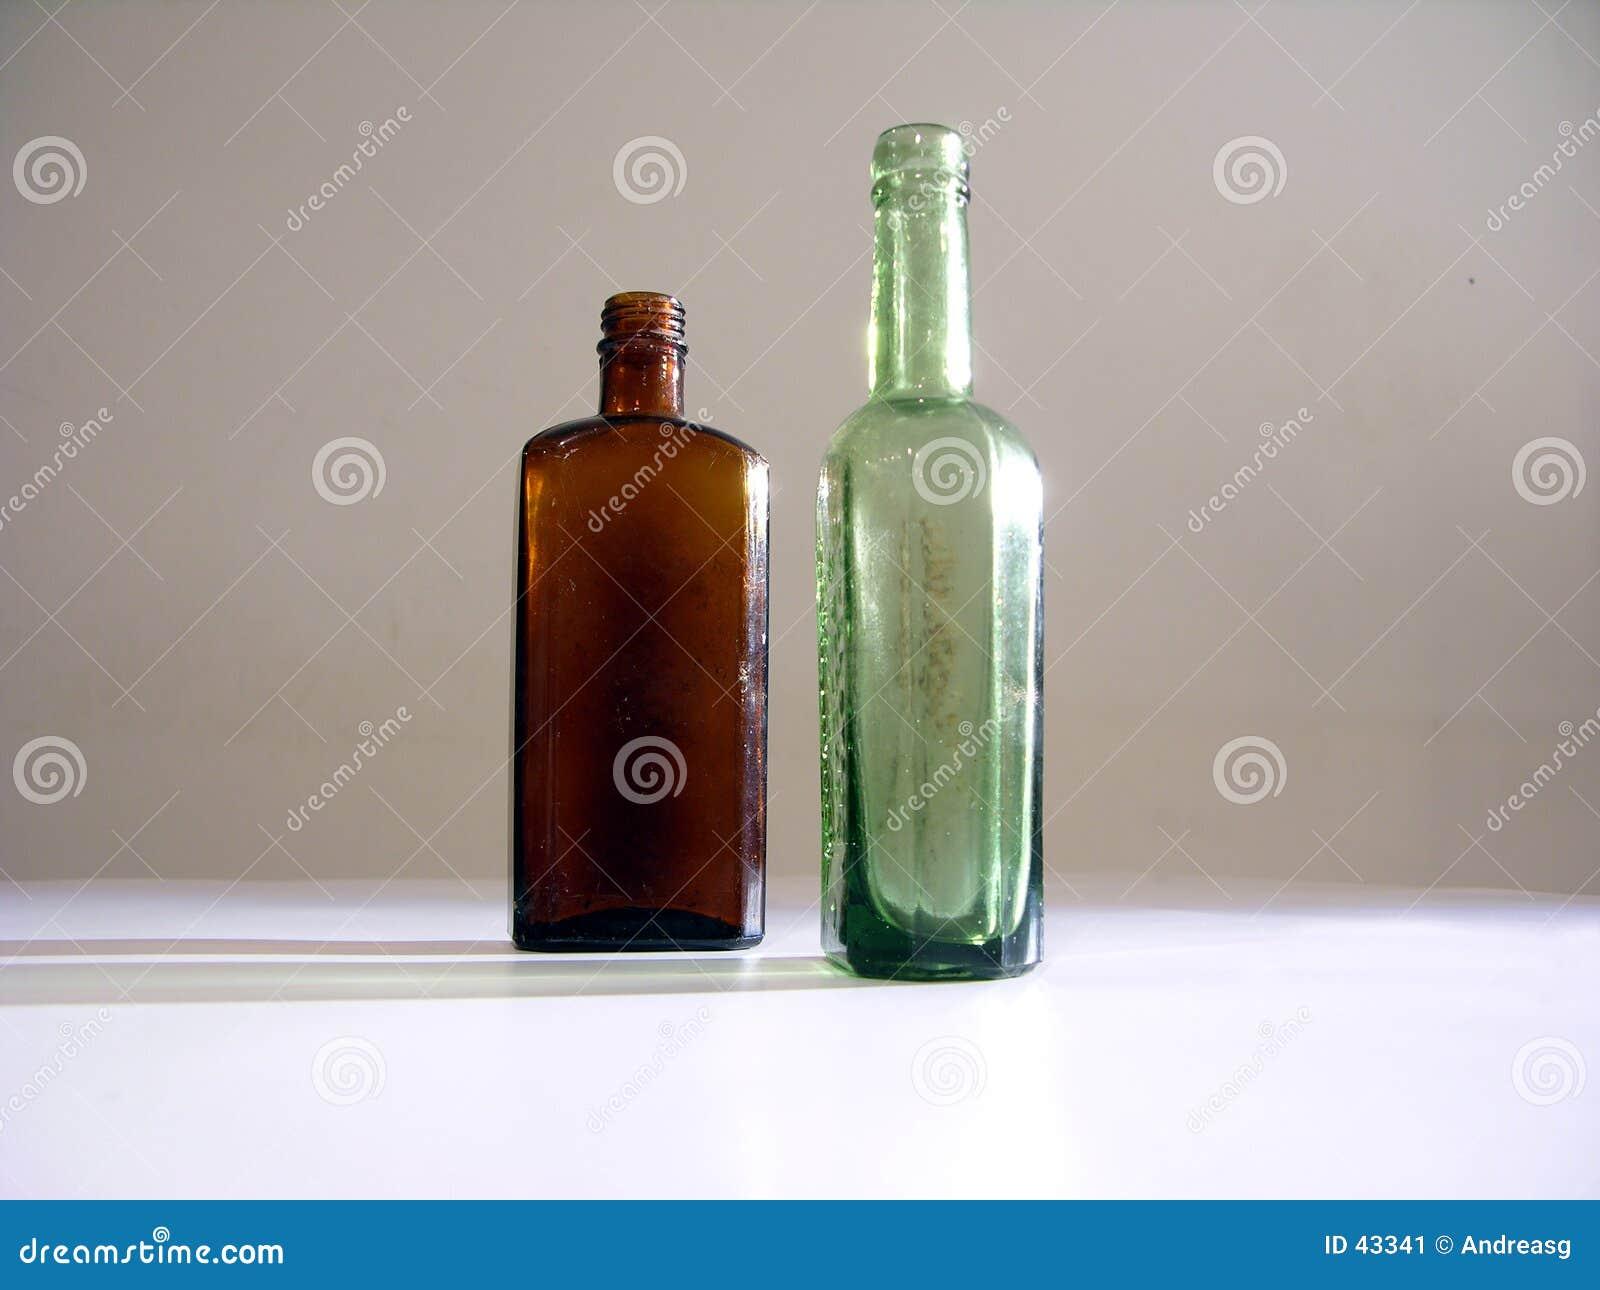 2 bottles old